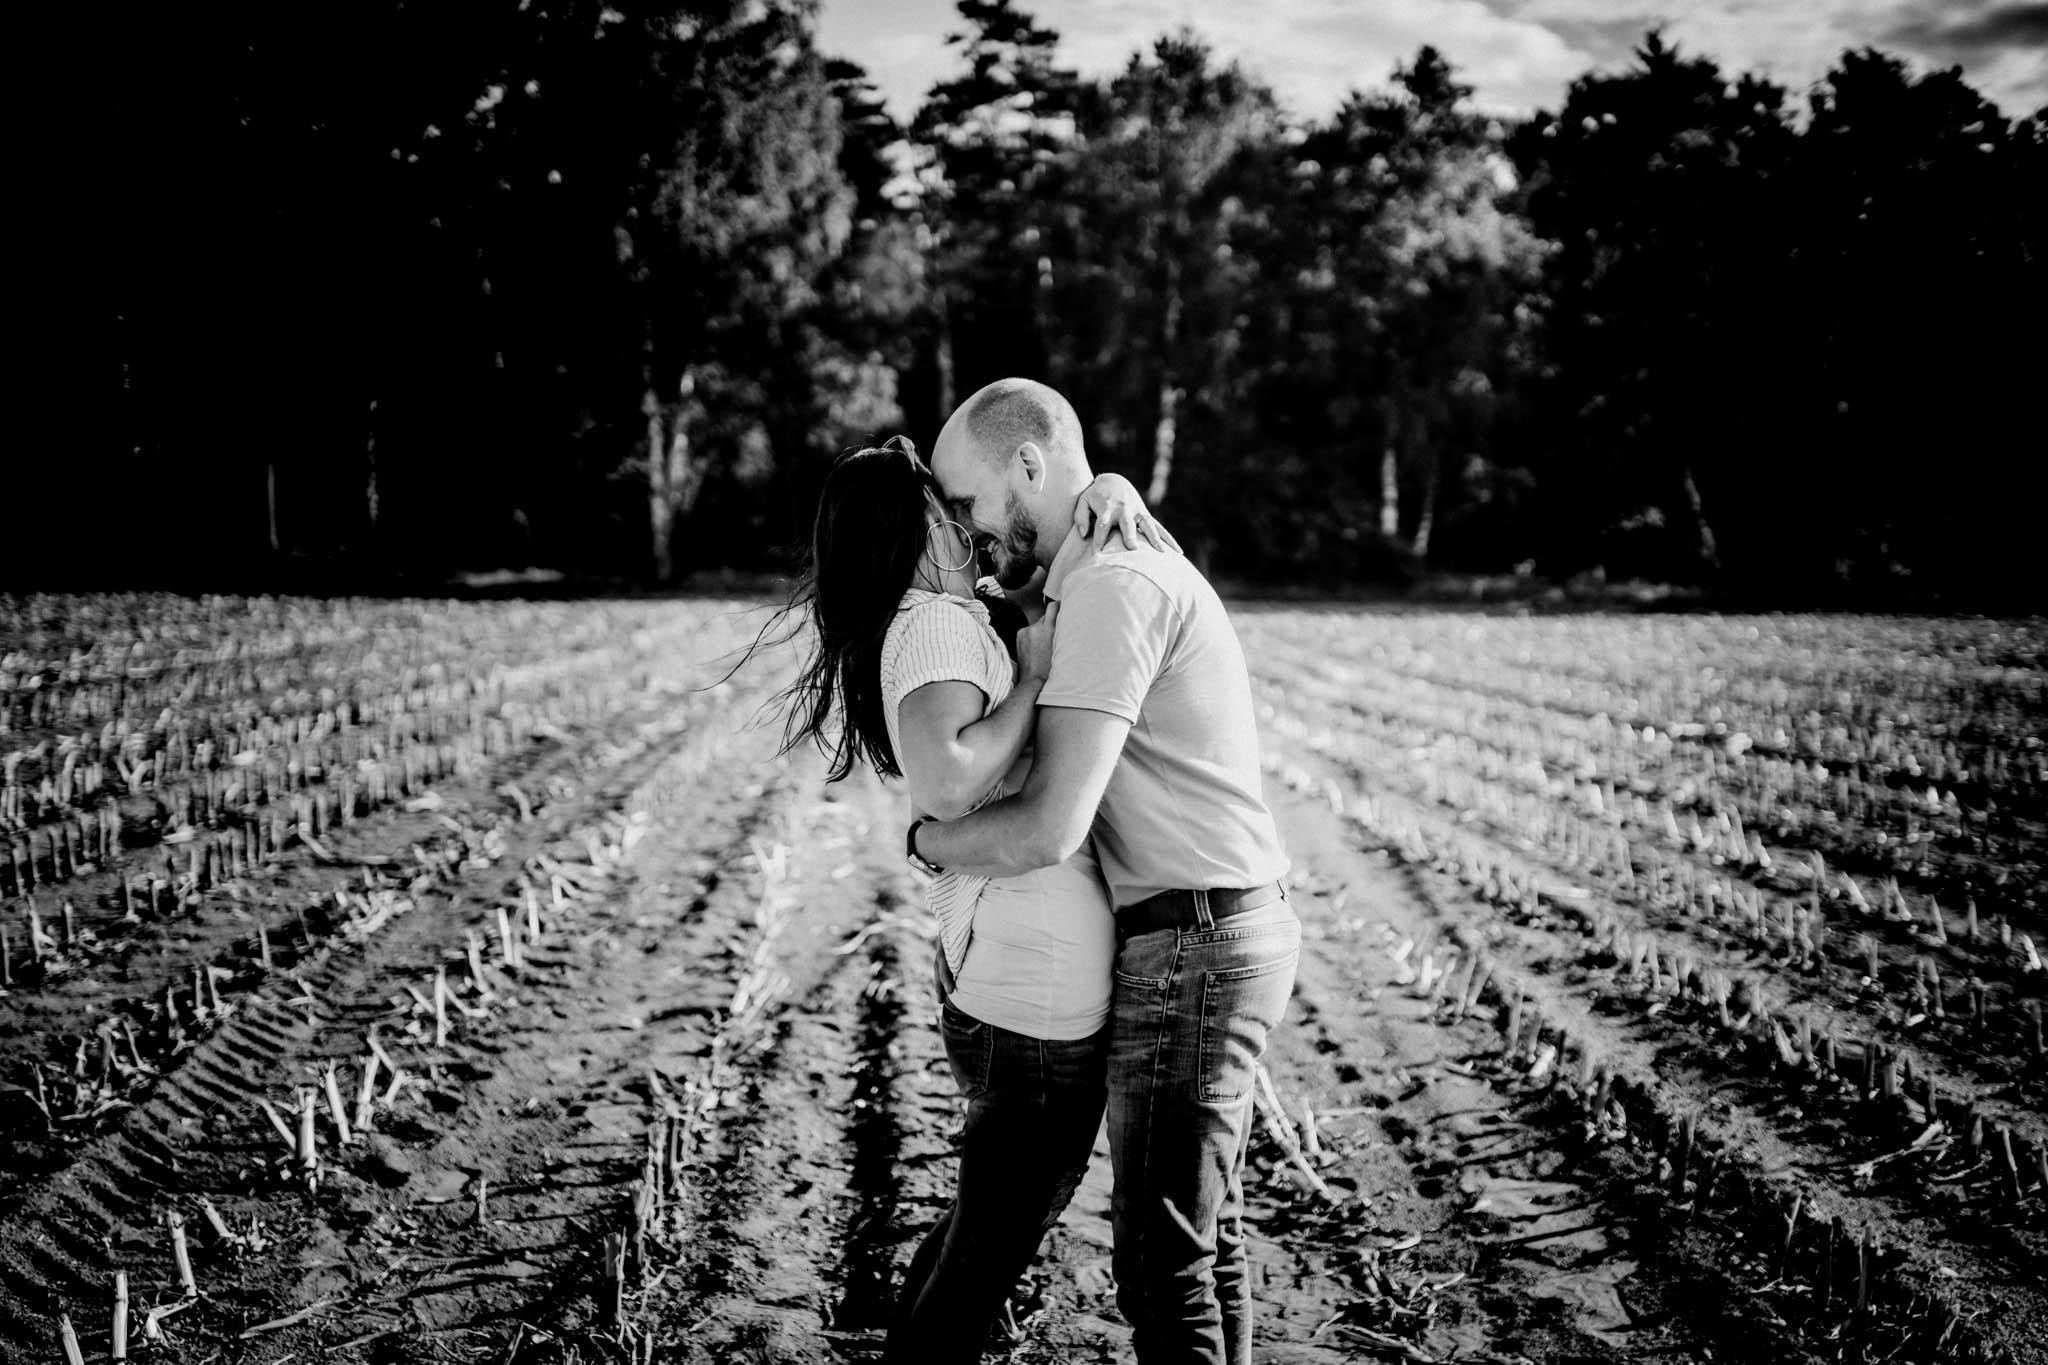 Engagementshoot Hochzeitsfieber by Photo-Schomburg, coupleshoot, paarshooting, zarrentin, wedding2018,wedding, hochzeitsfotograf, hamburg, braut, bräutigam, hochzeitstag-2